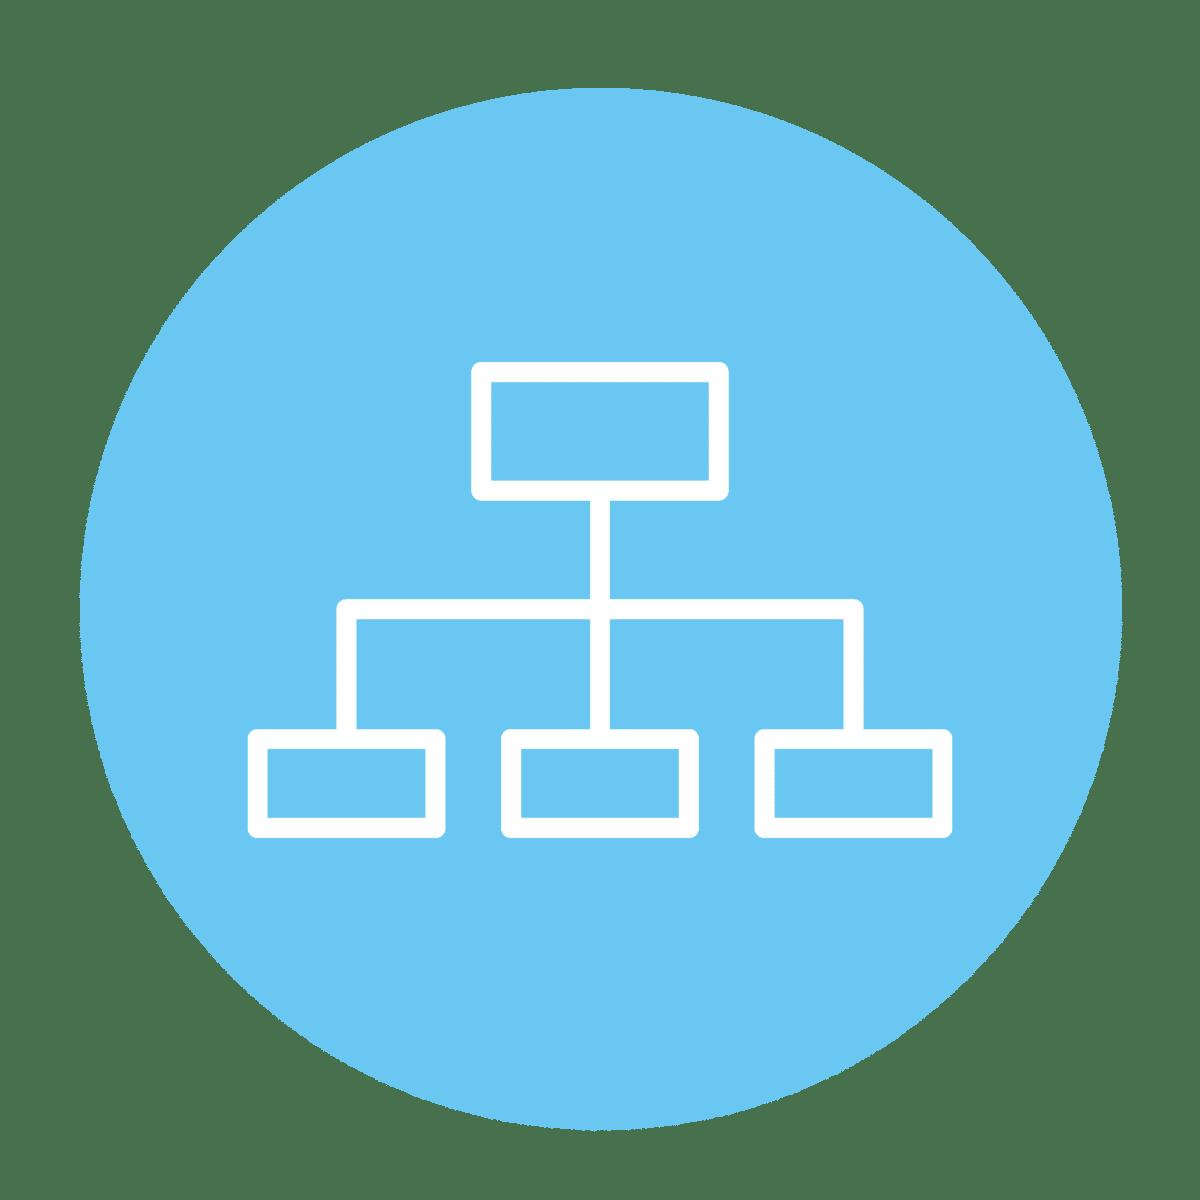 sistemas de gestión de contenido